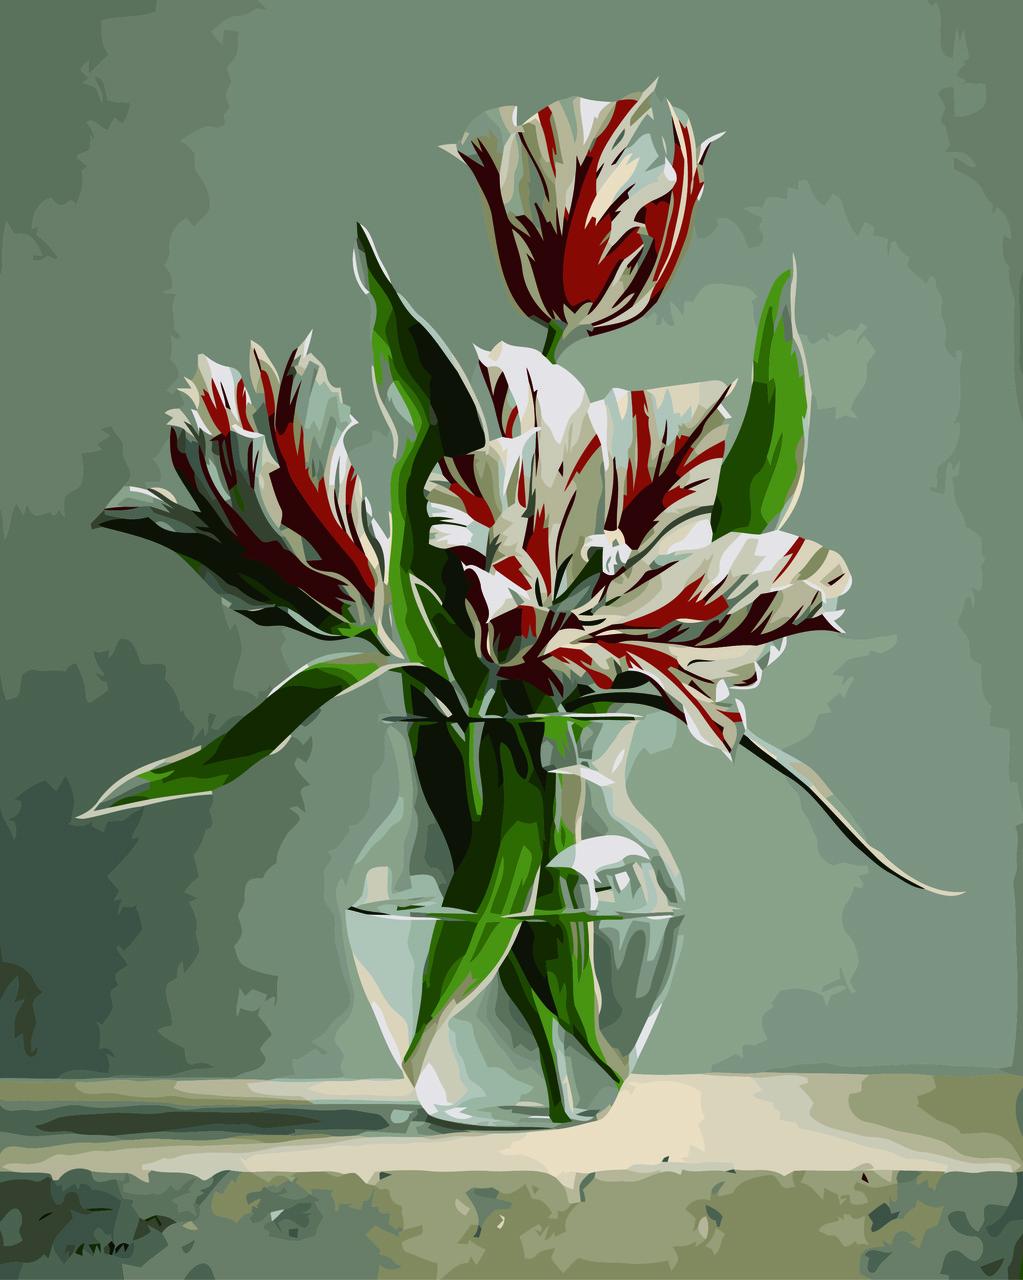 """Картина по номерам """"Тюльпаны в в вазе (Худ. Питер Вагеманс)"""", 40x50 см., Домашнее искусство"""